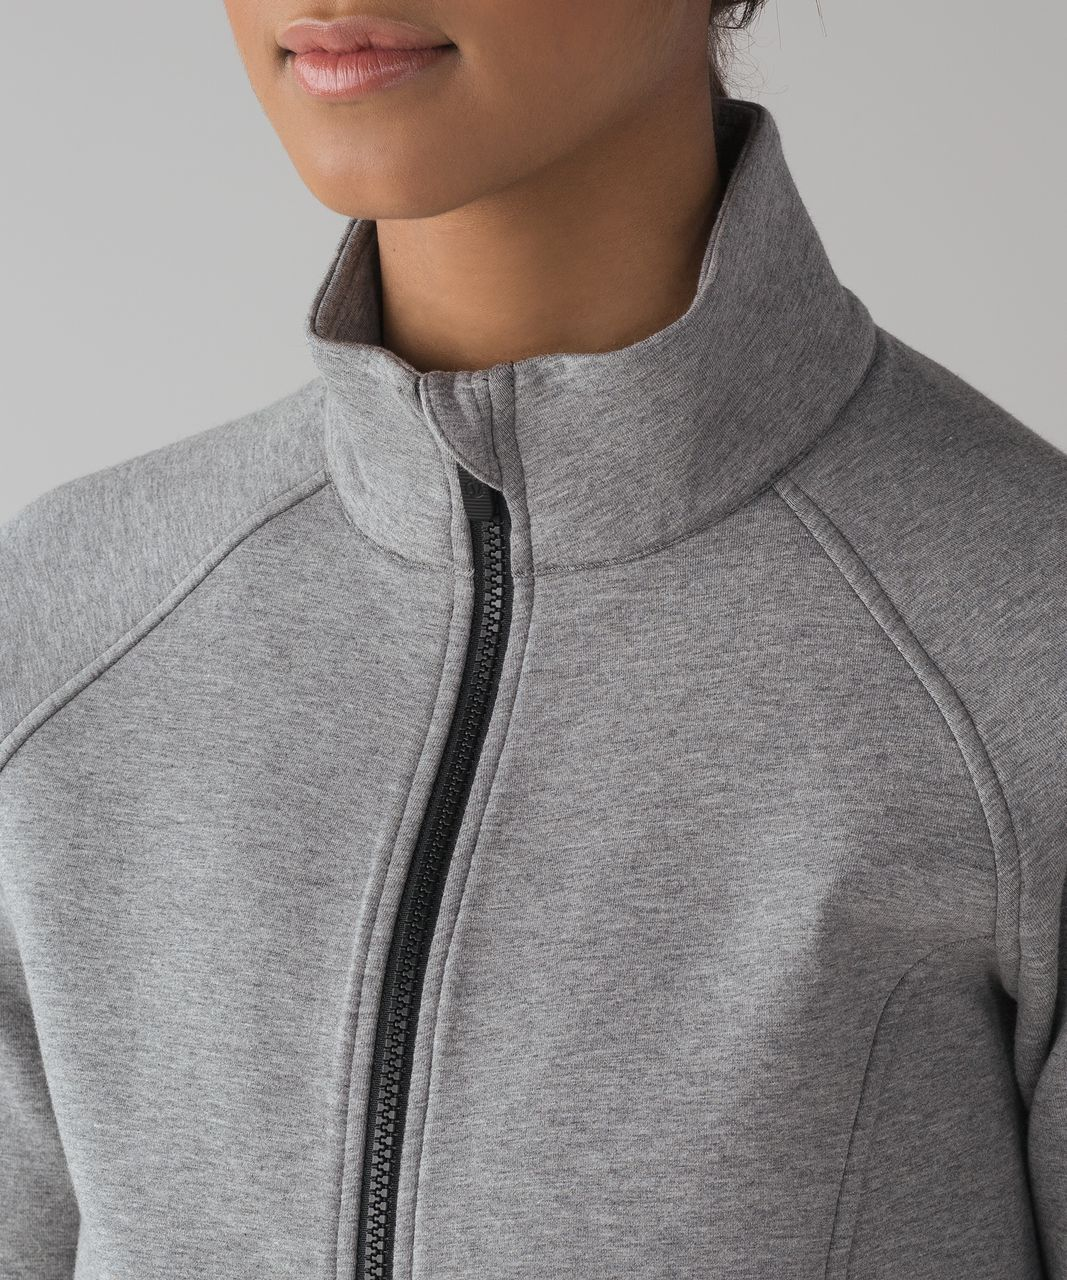 9c7aaece0 Lululemon NTS Jacket - Heathered Medium Grey / Black